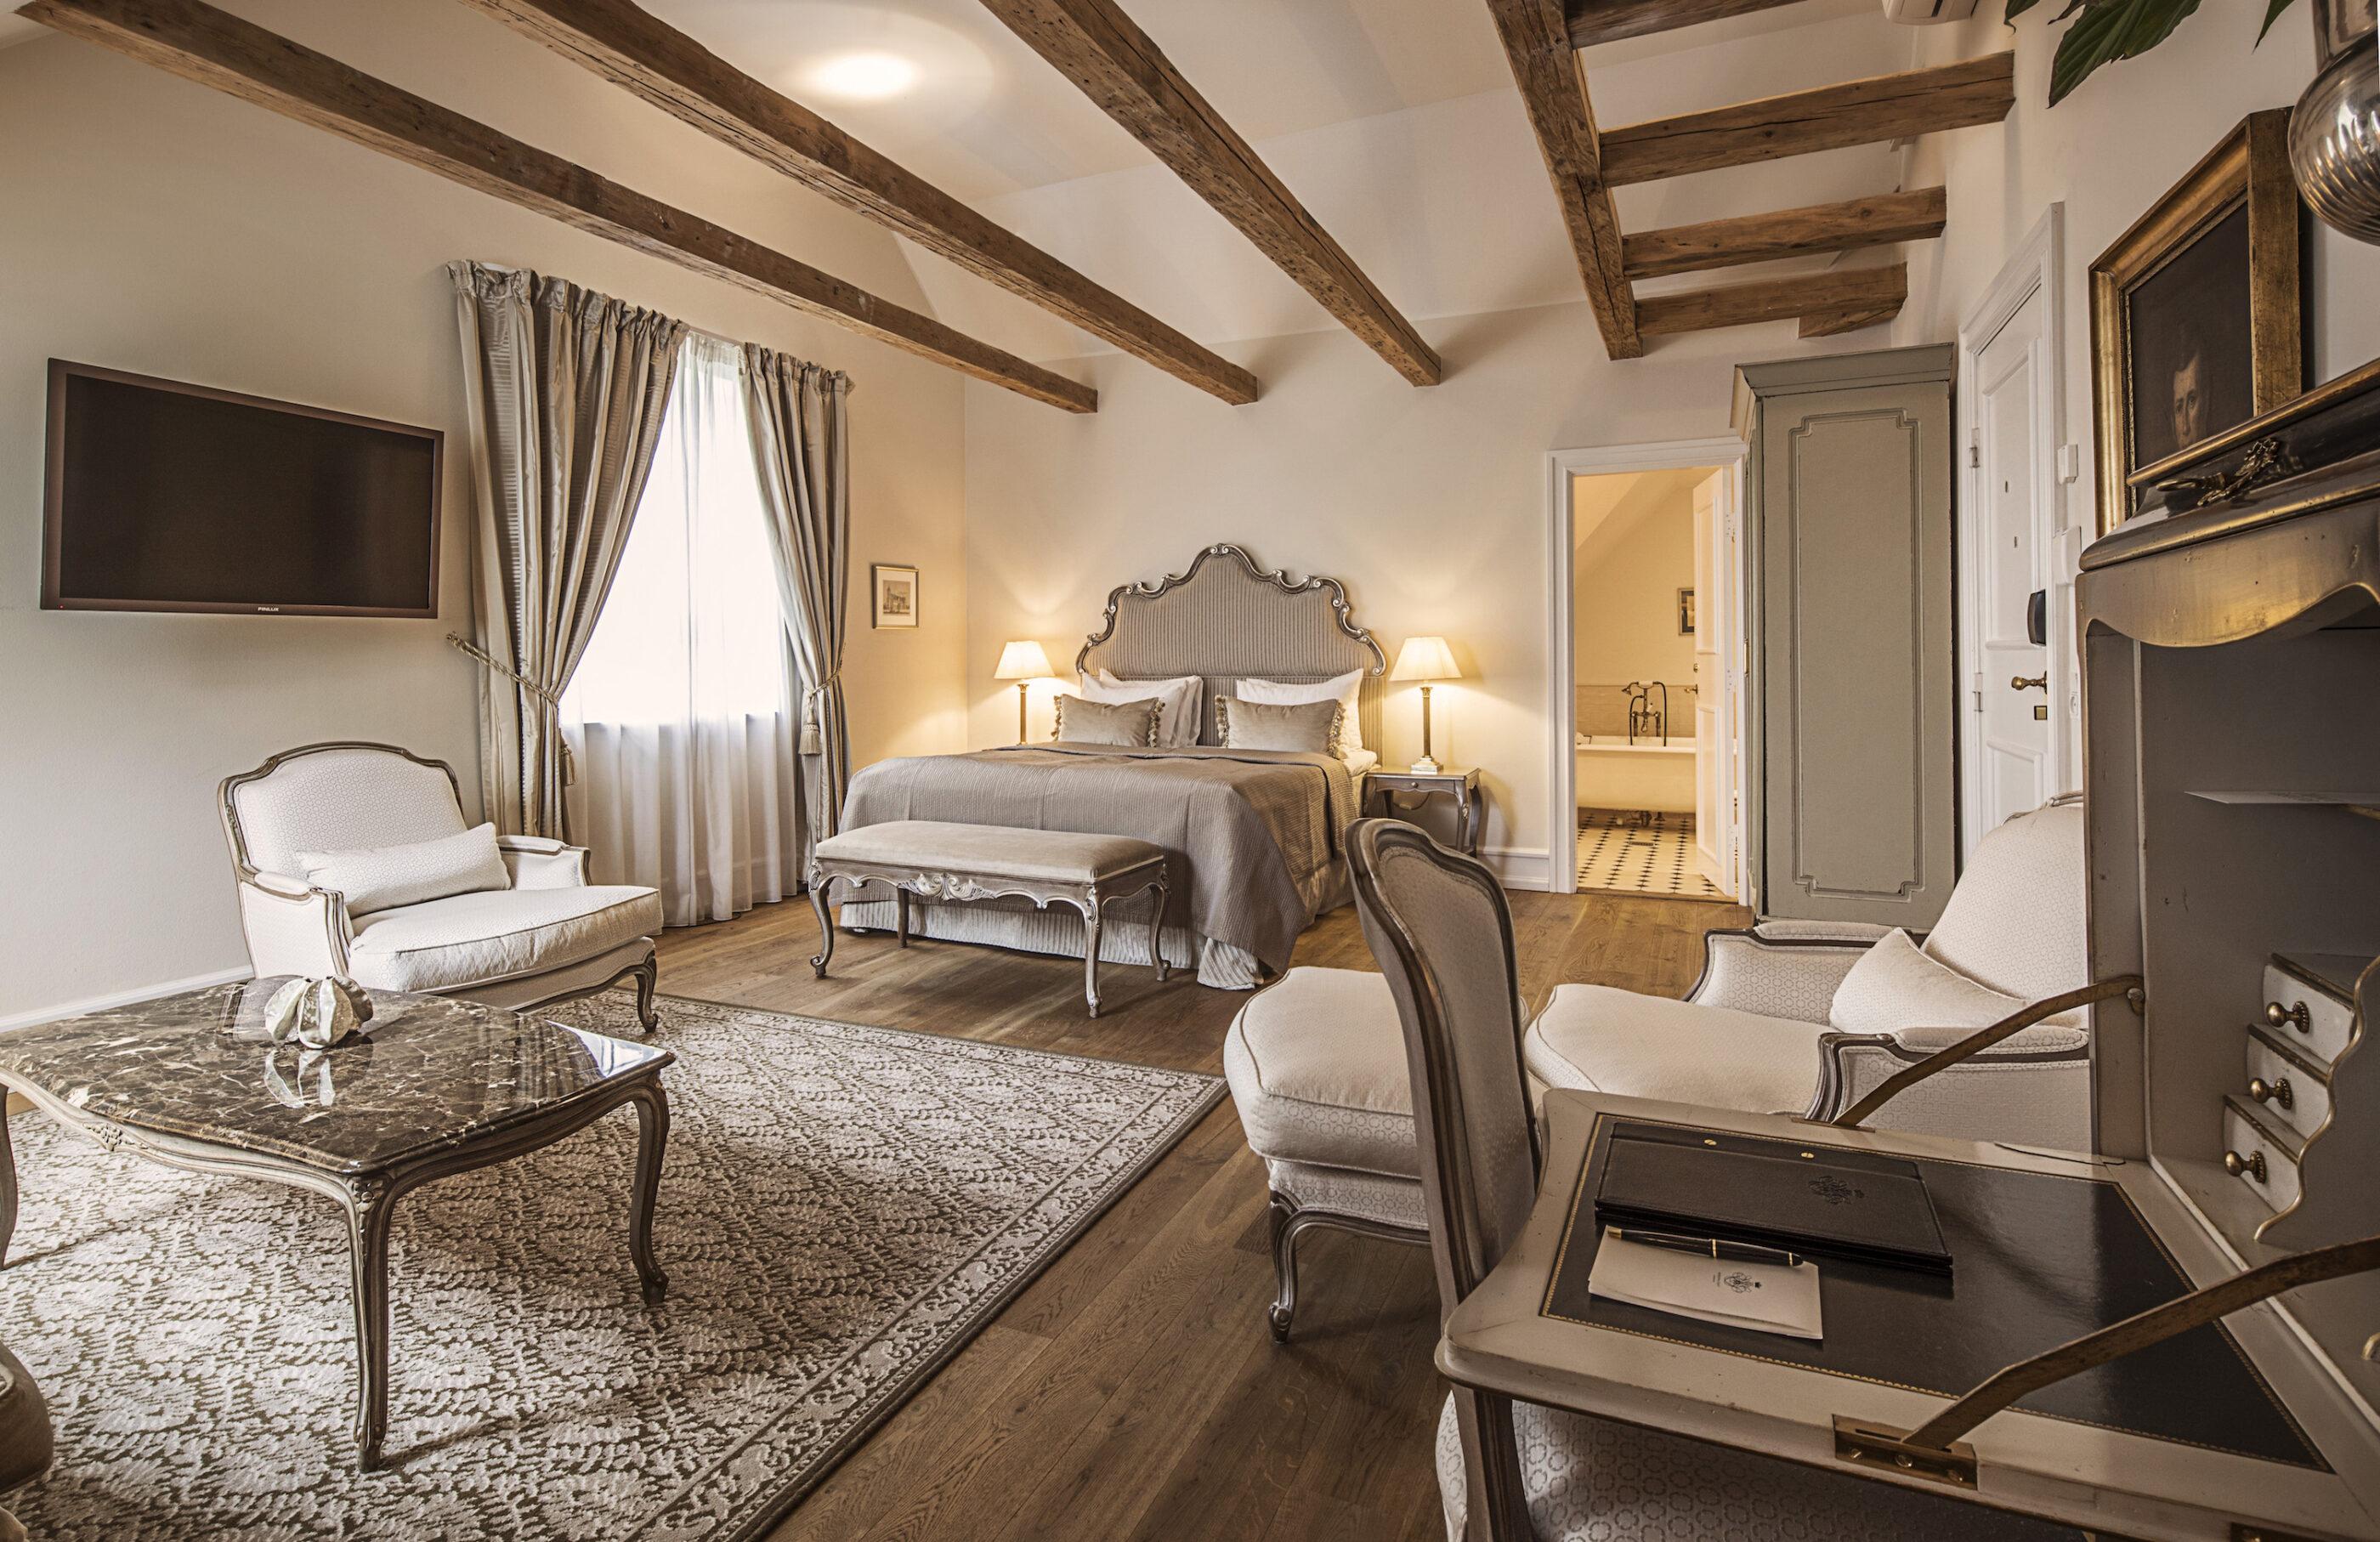 Stor suite med luksuriøs indretning, en liggestol, stort tæppe, og klassisk designet skrivebord, med fin pen, papir, og læder foldemappe.